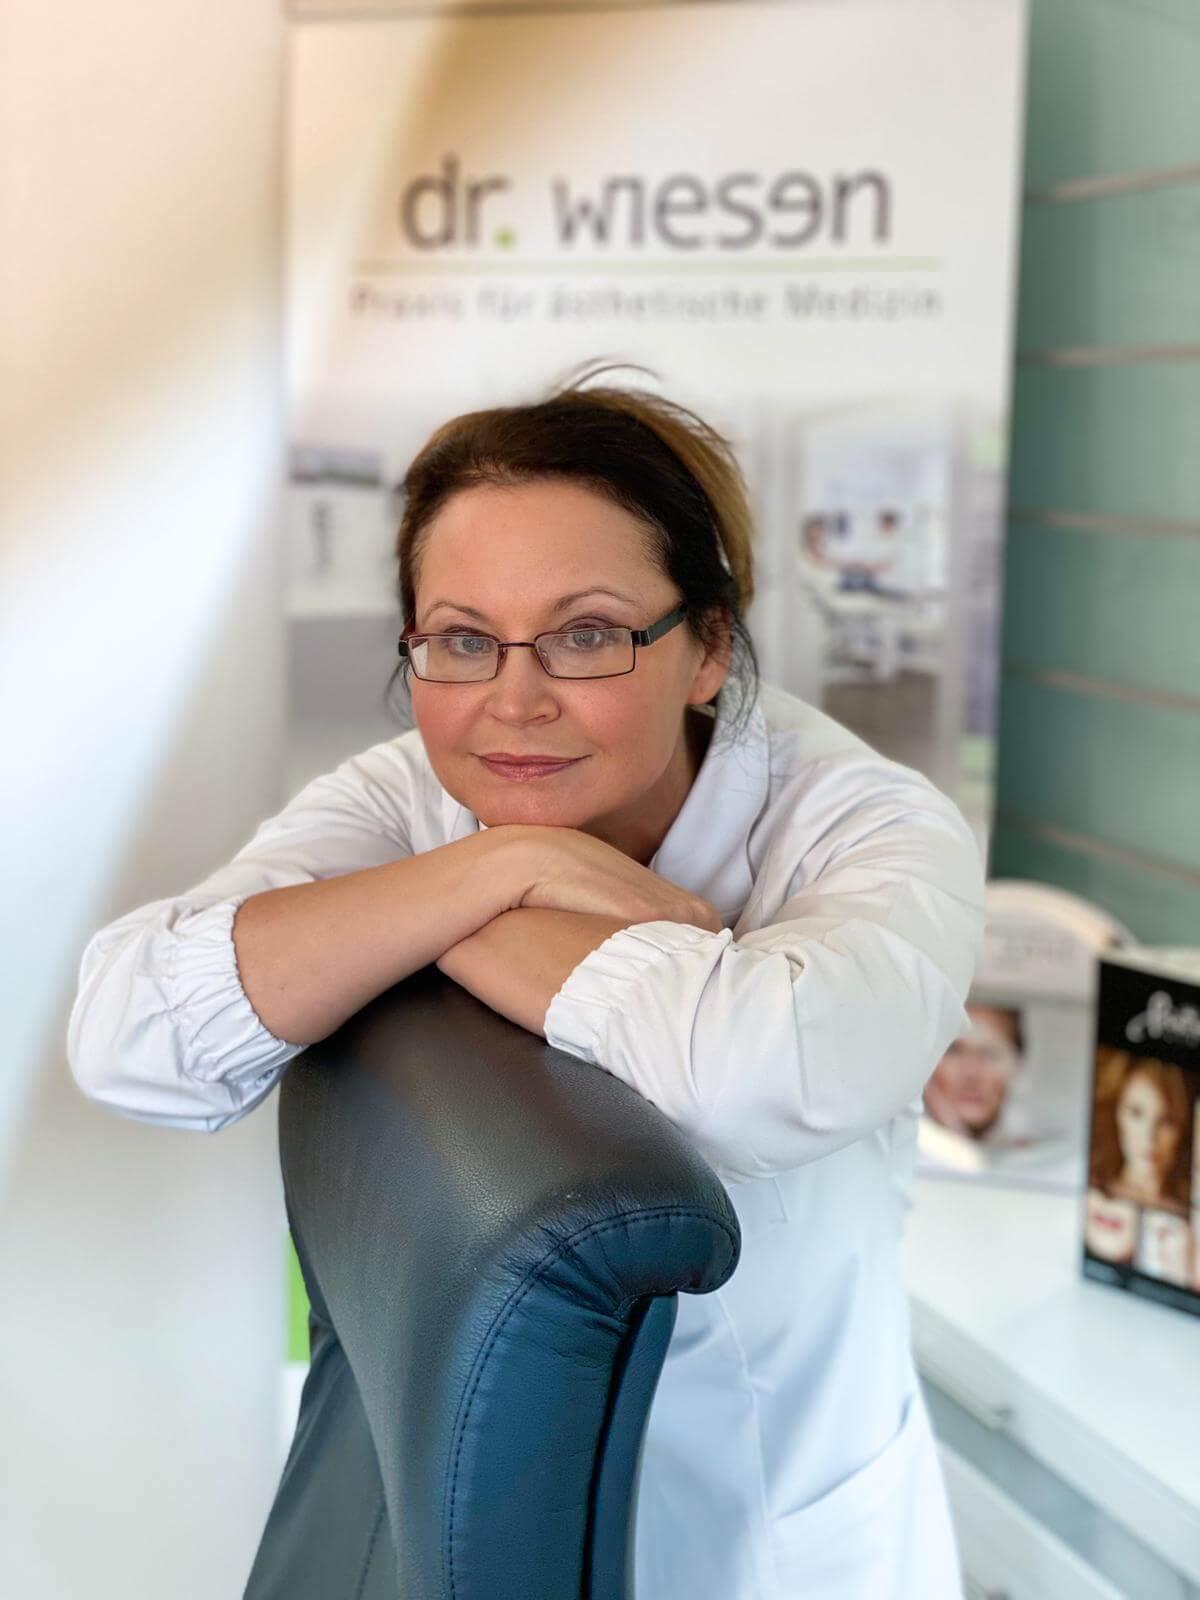 dr. wiesen